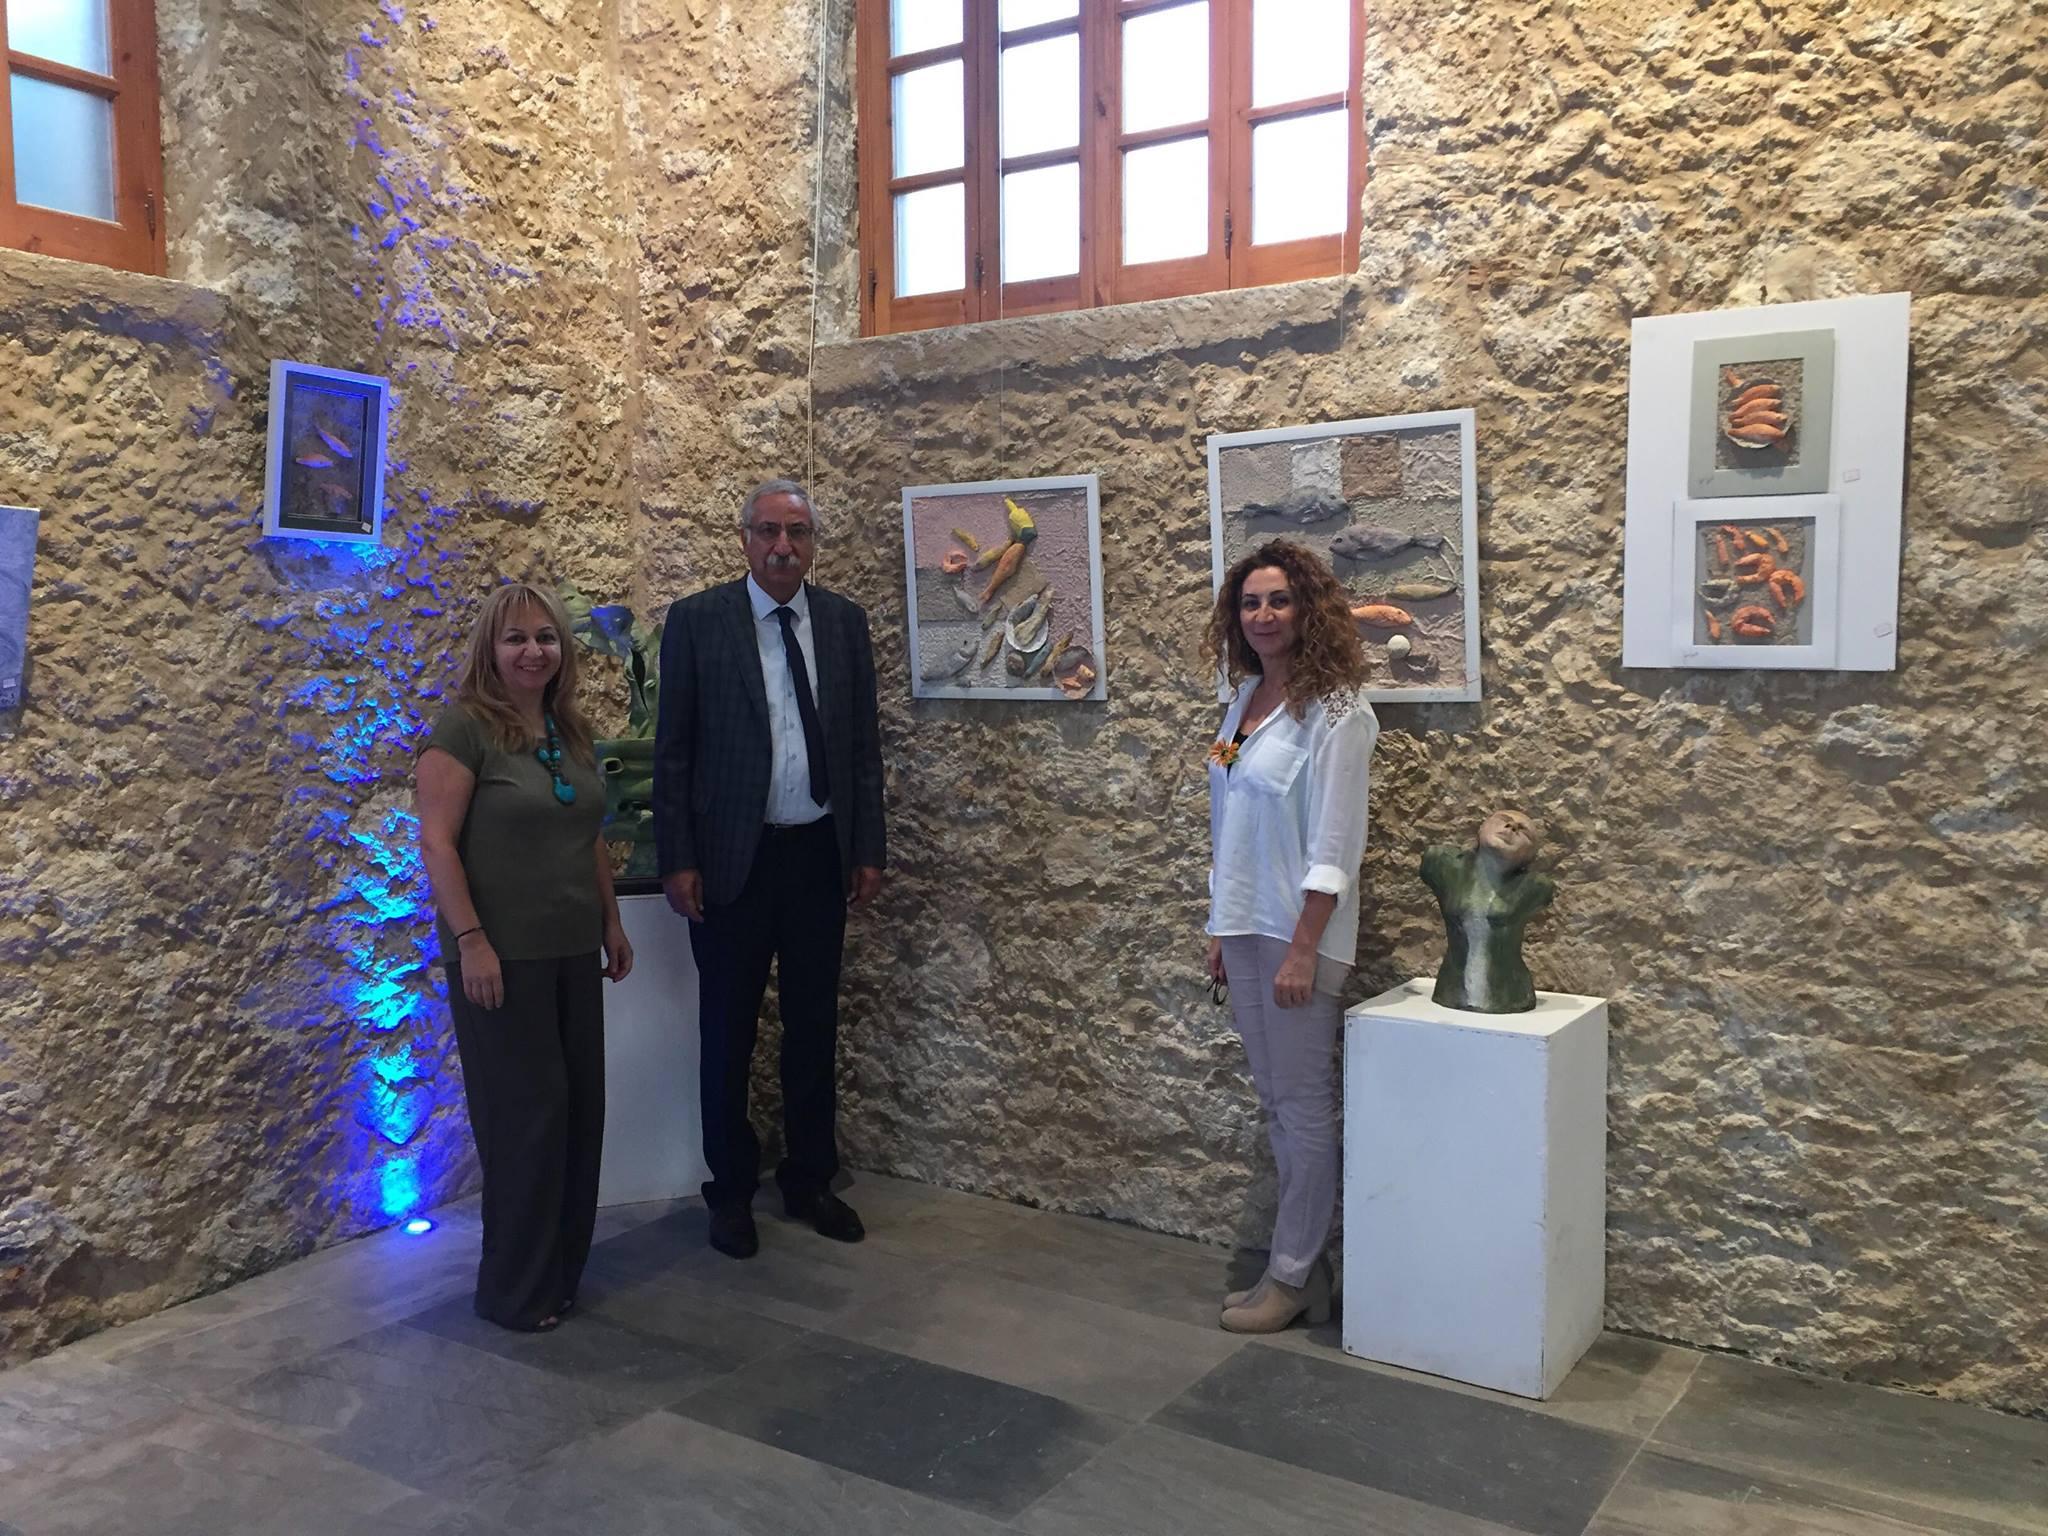 Гюнгёрдю посетил выставку «Встреча с нашей мечтой»